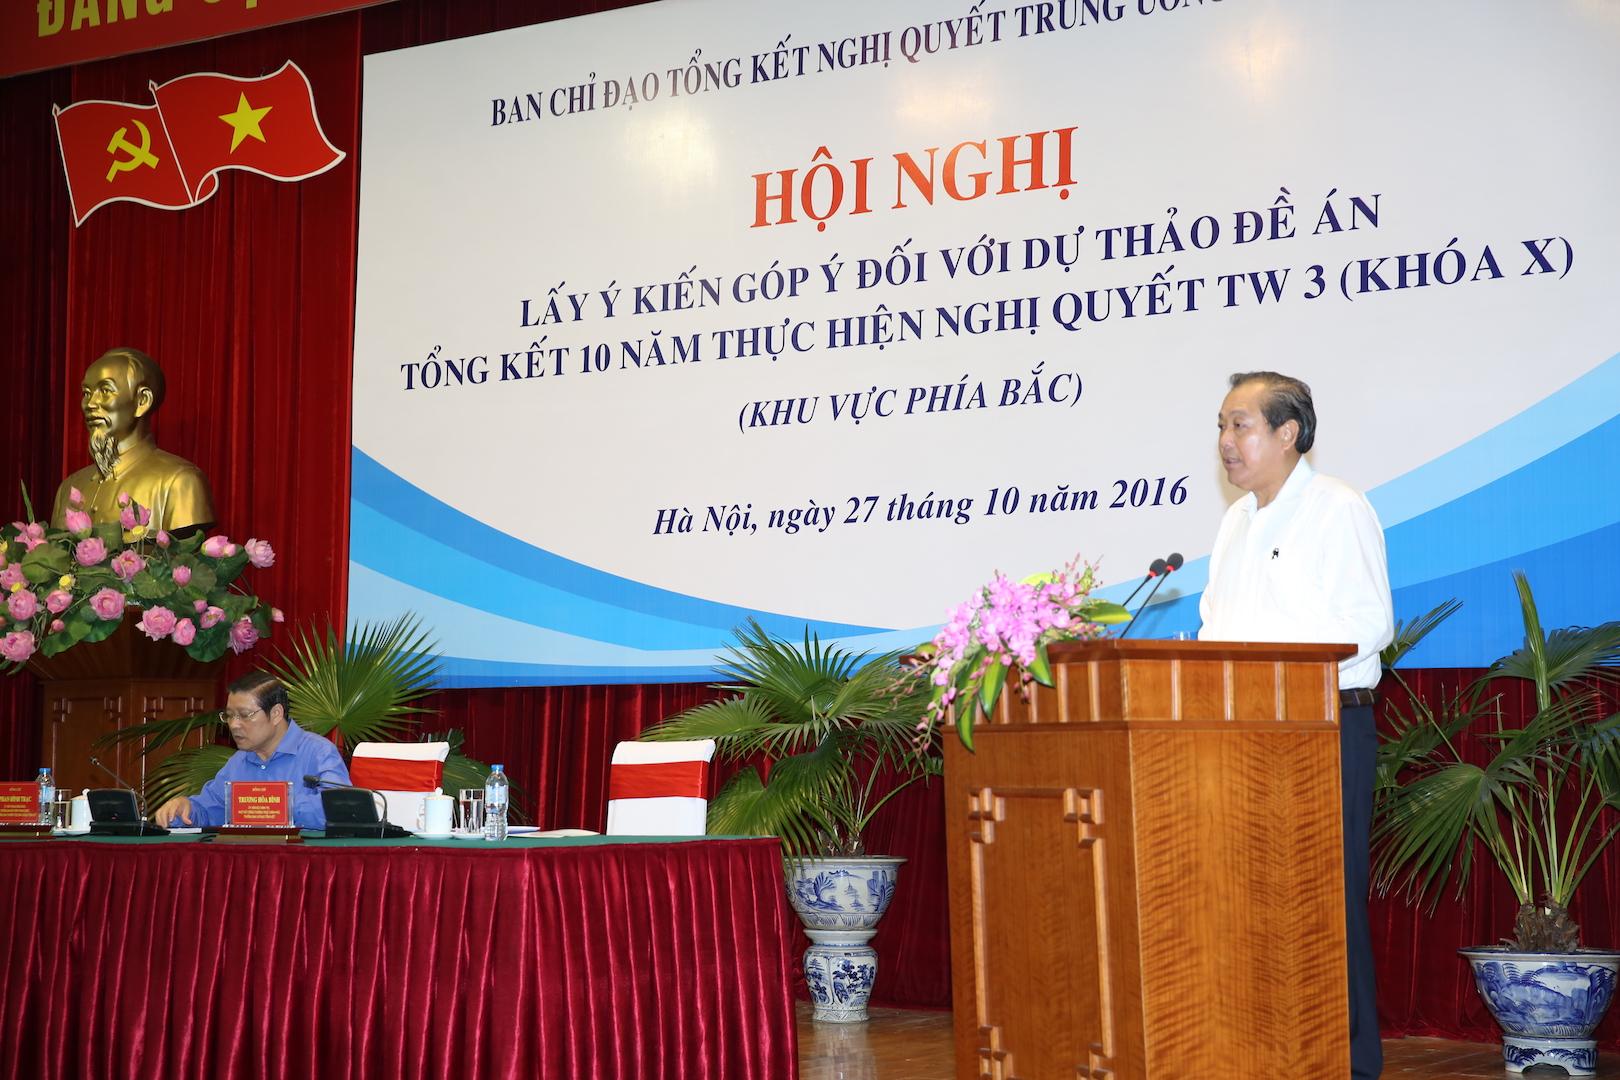 Phó Thủ tướng Thường trực Trương Hòa Bình phát biểu chỉ đạo tại hội nghị. Ảnh: VGP